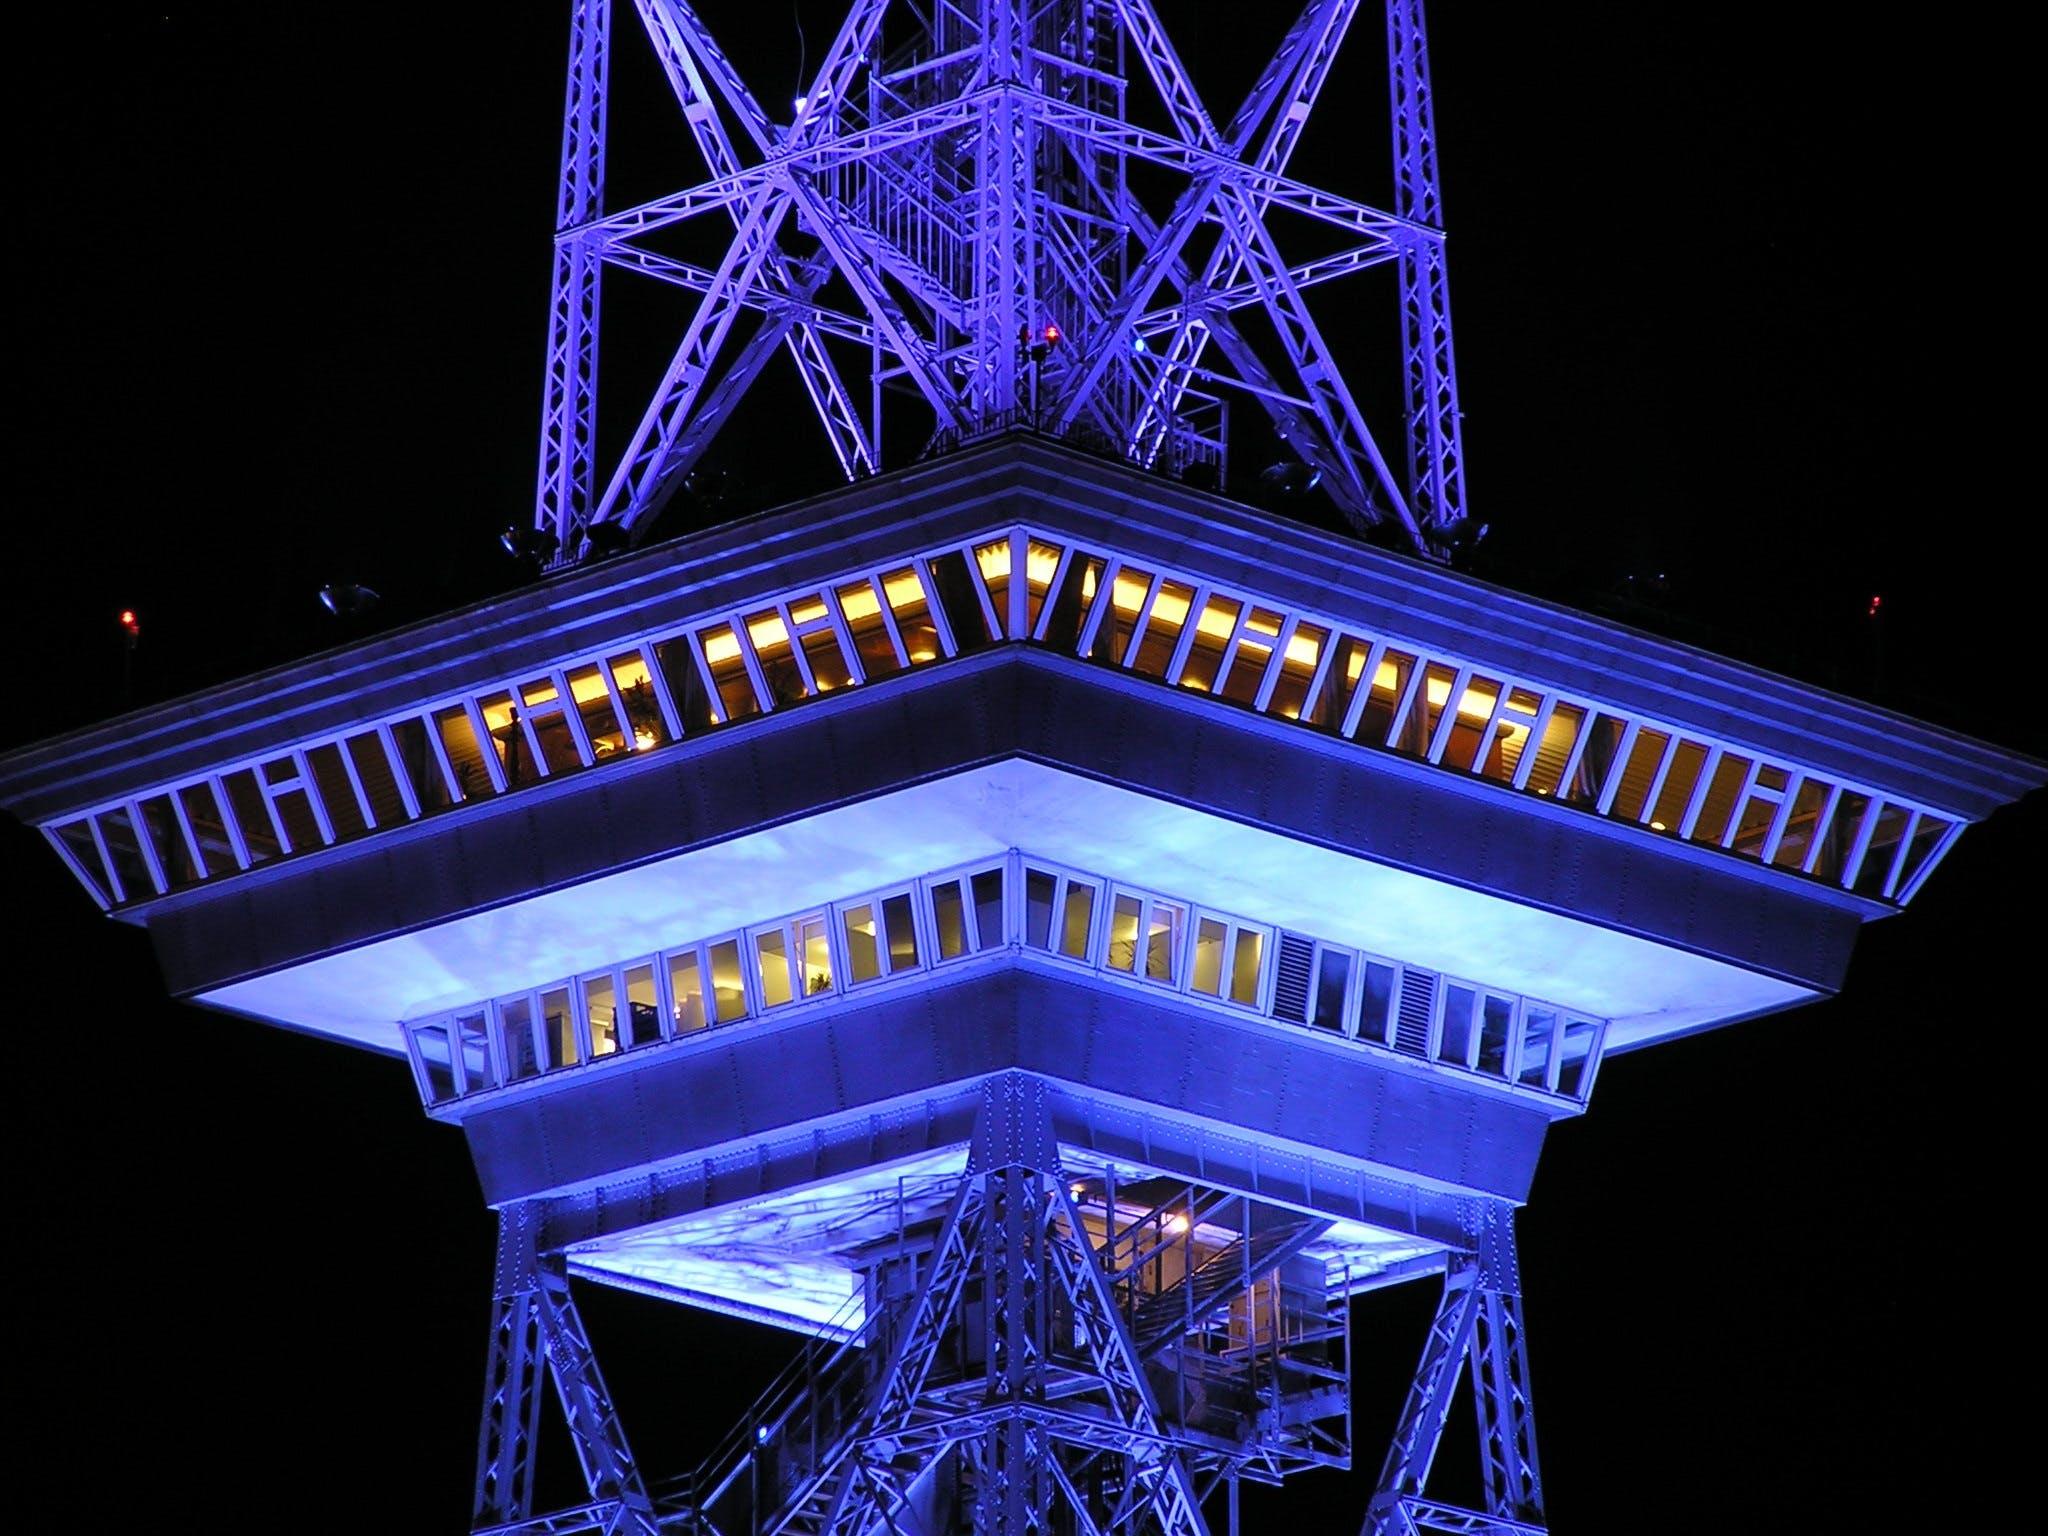 Fotos de stock gratuitas de arquitectura, edificio, estructura, noche